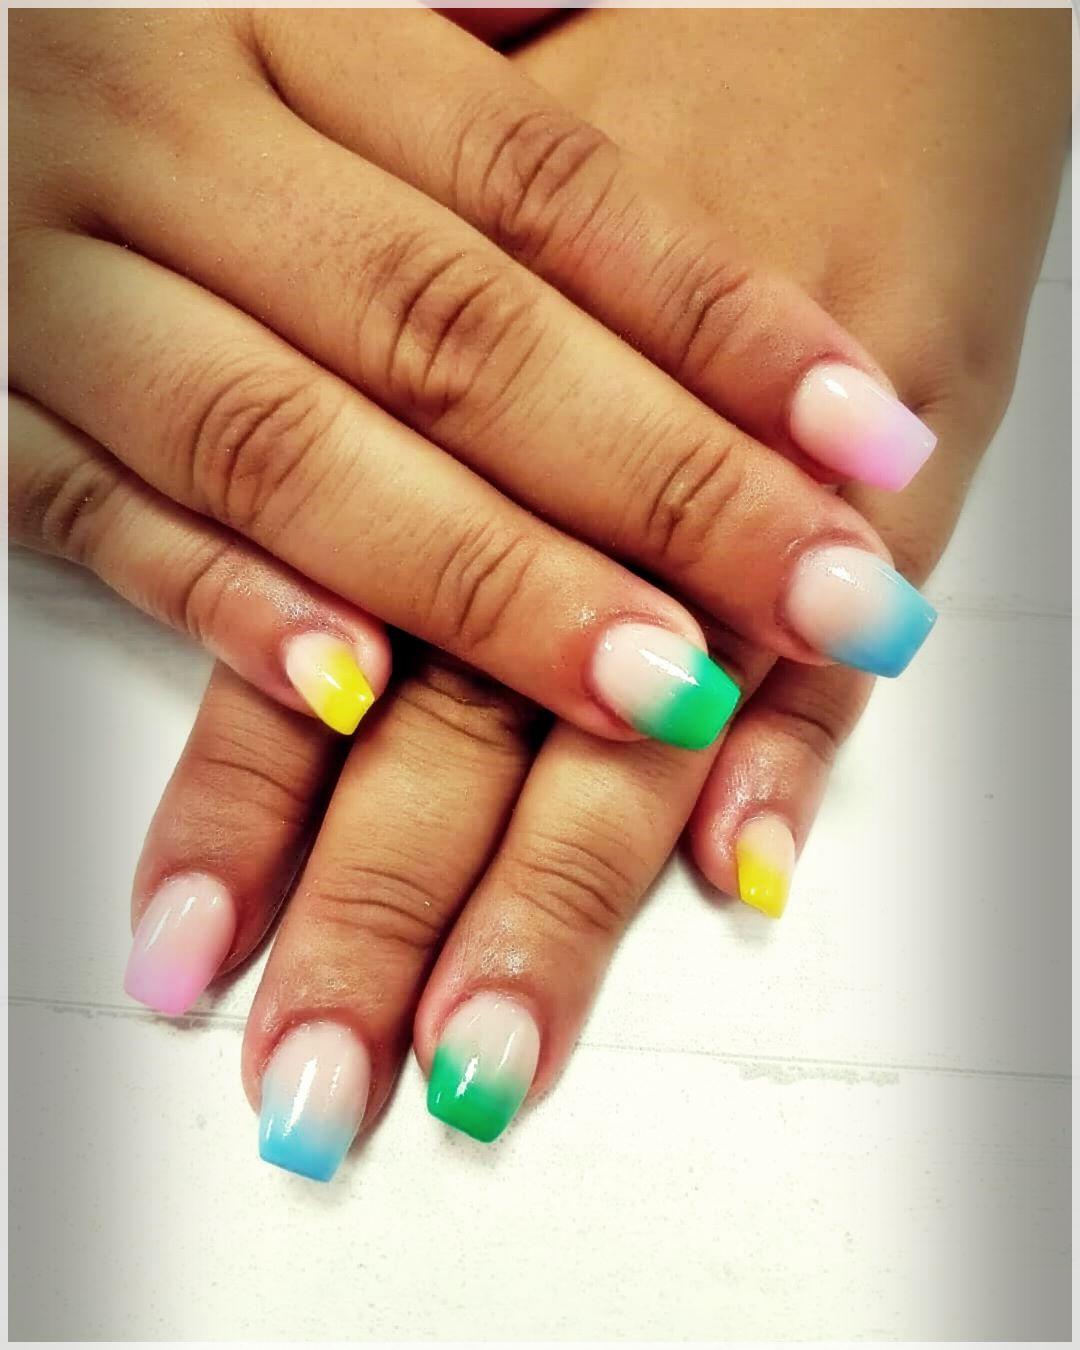 NailsMagazine-97777272737